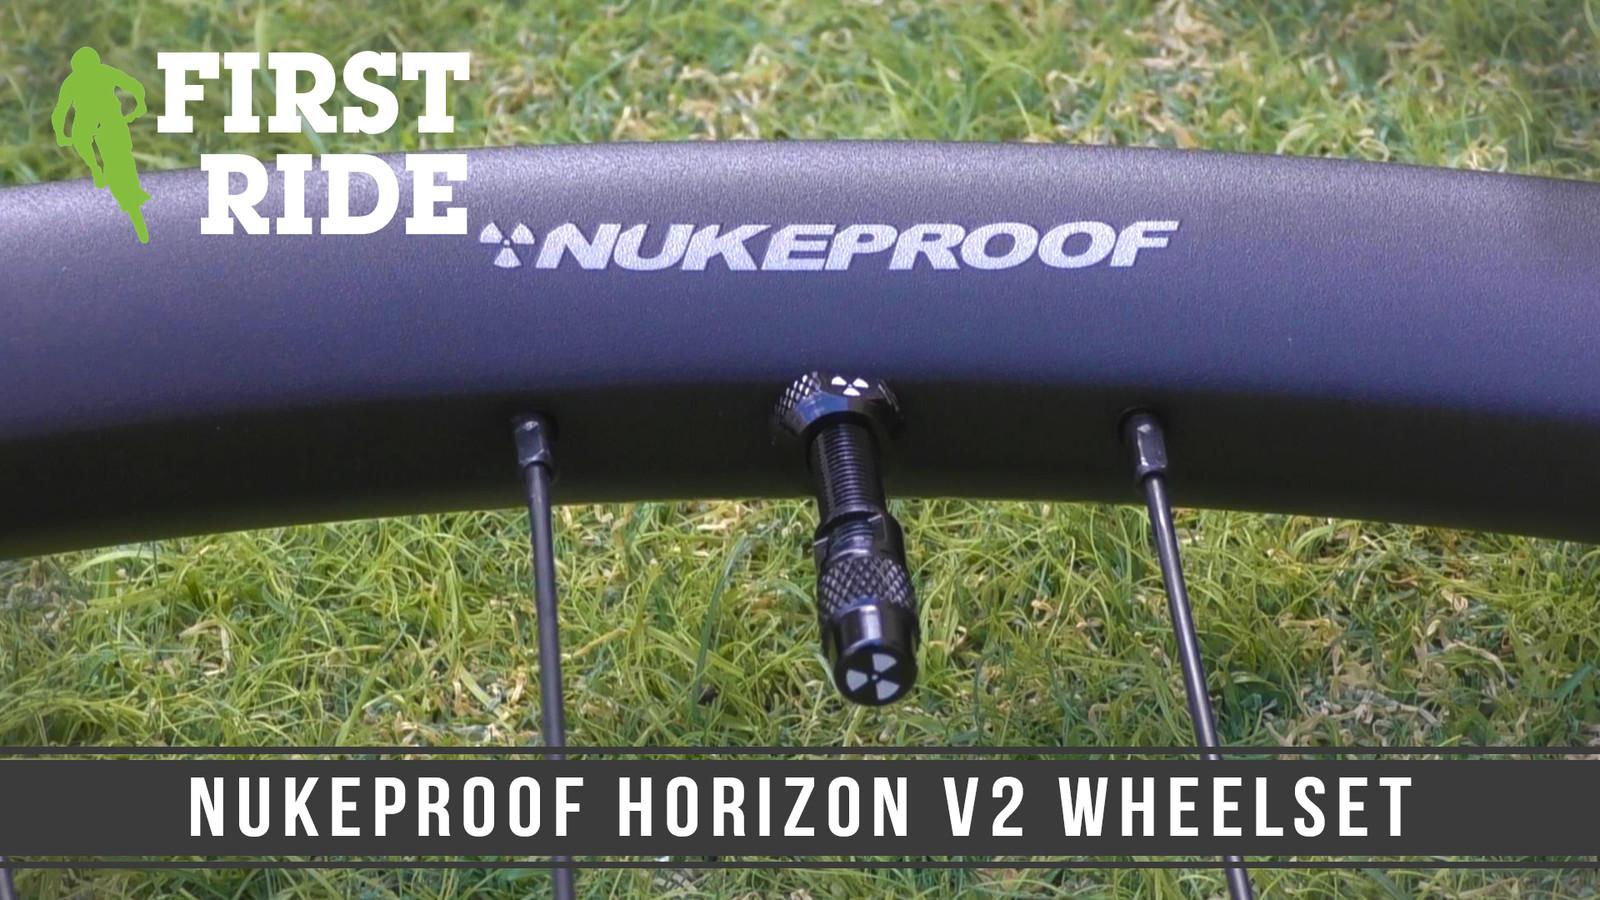 First Ride: Nukeproof Horizon V2 Wheelset